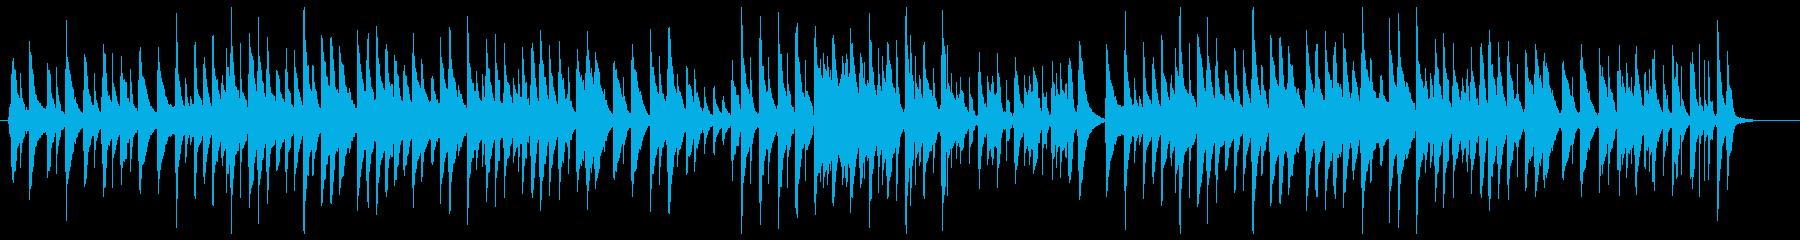 「ピーターと狼」ウクレレカバーの再生済みの波形